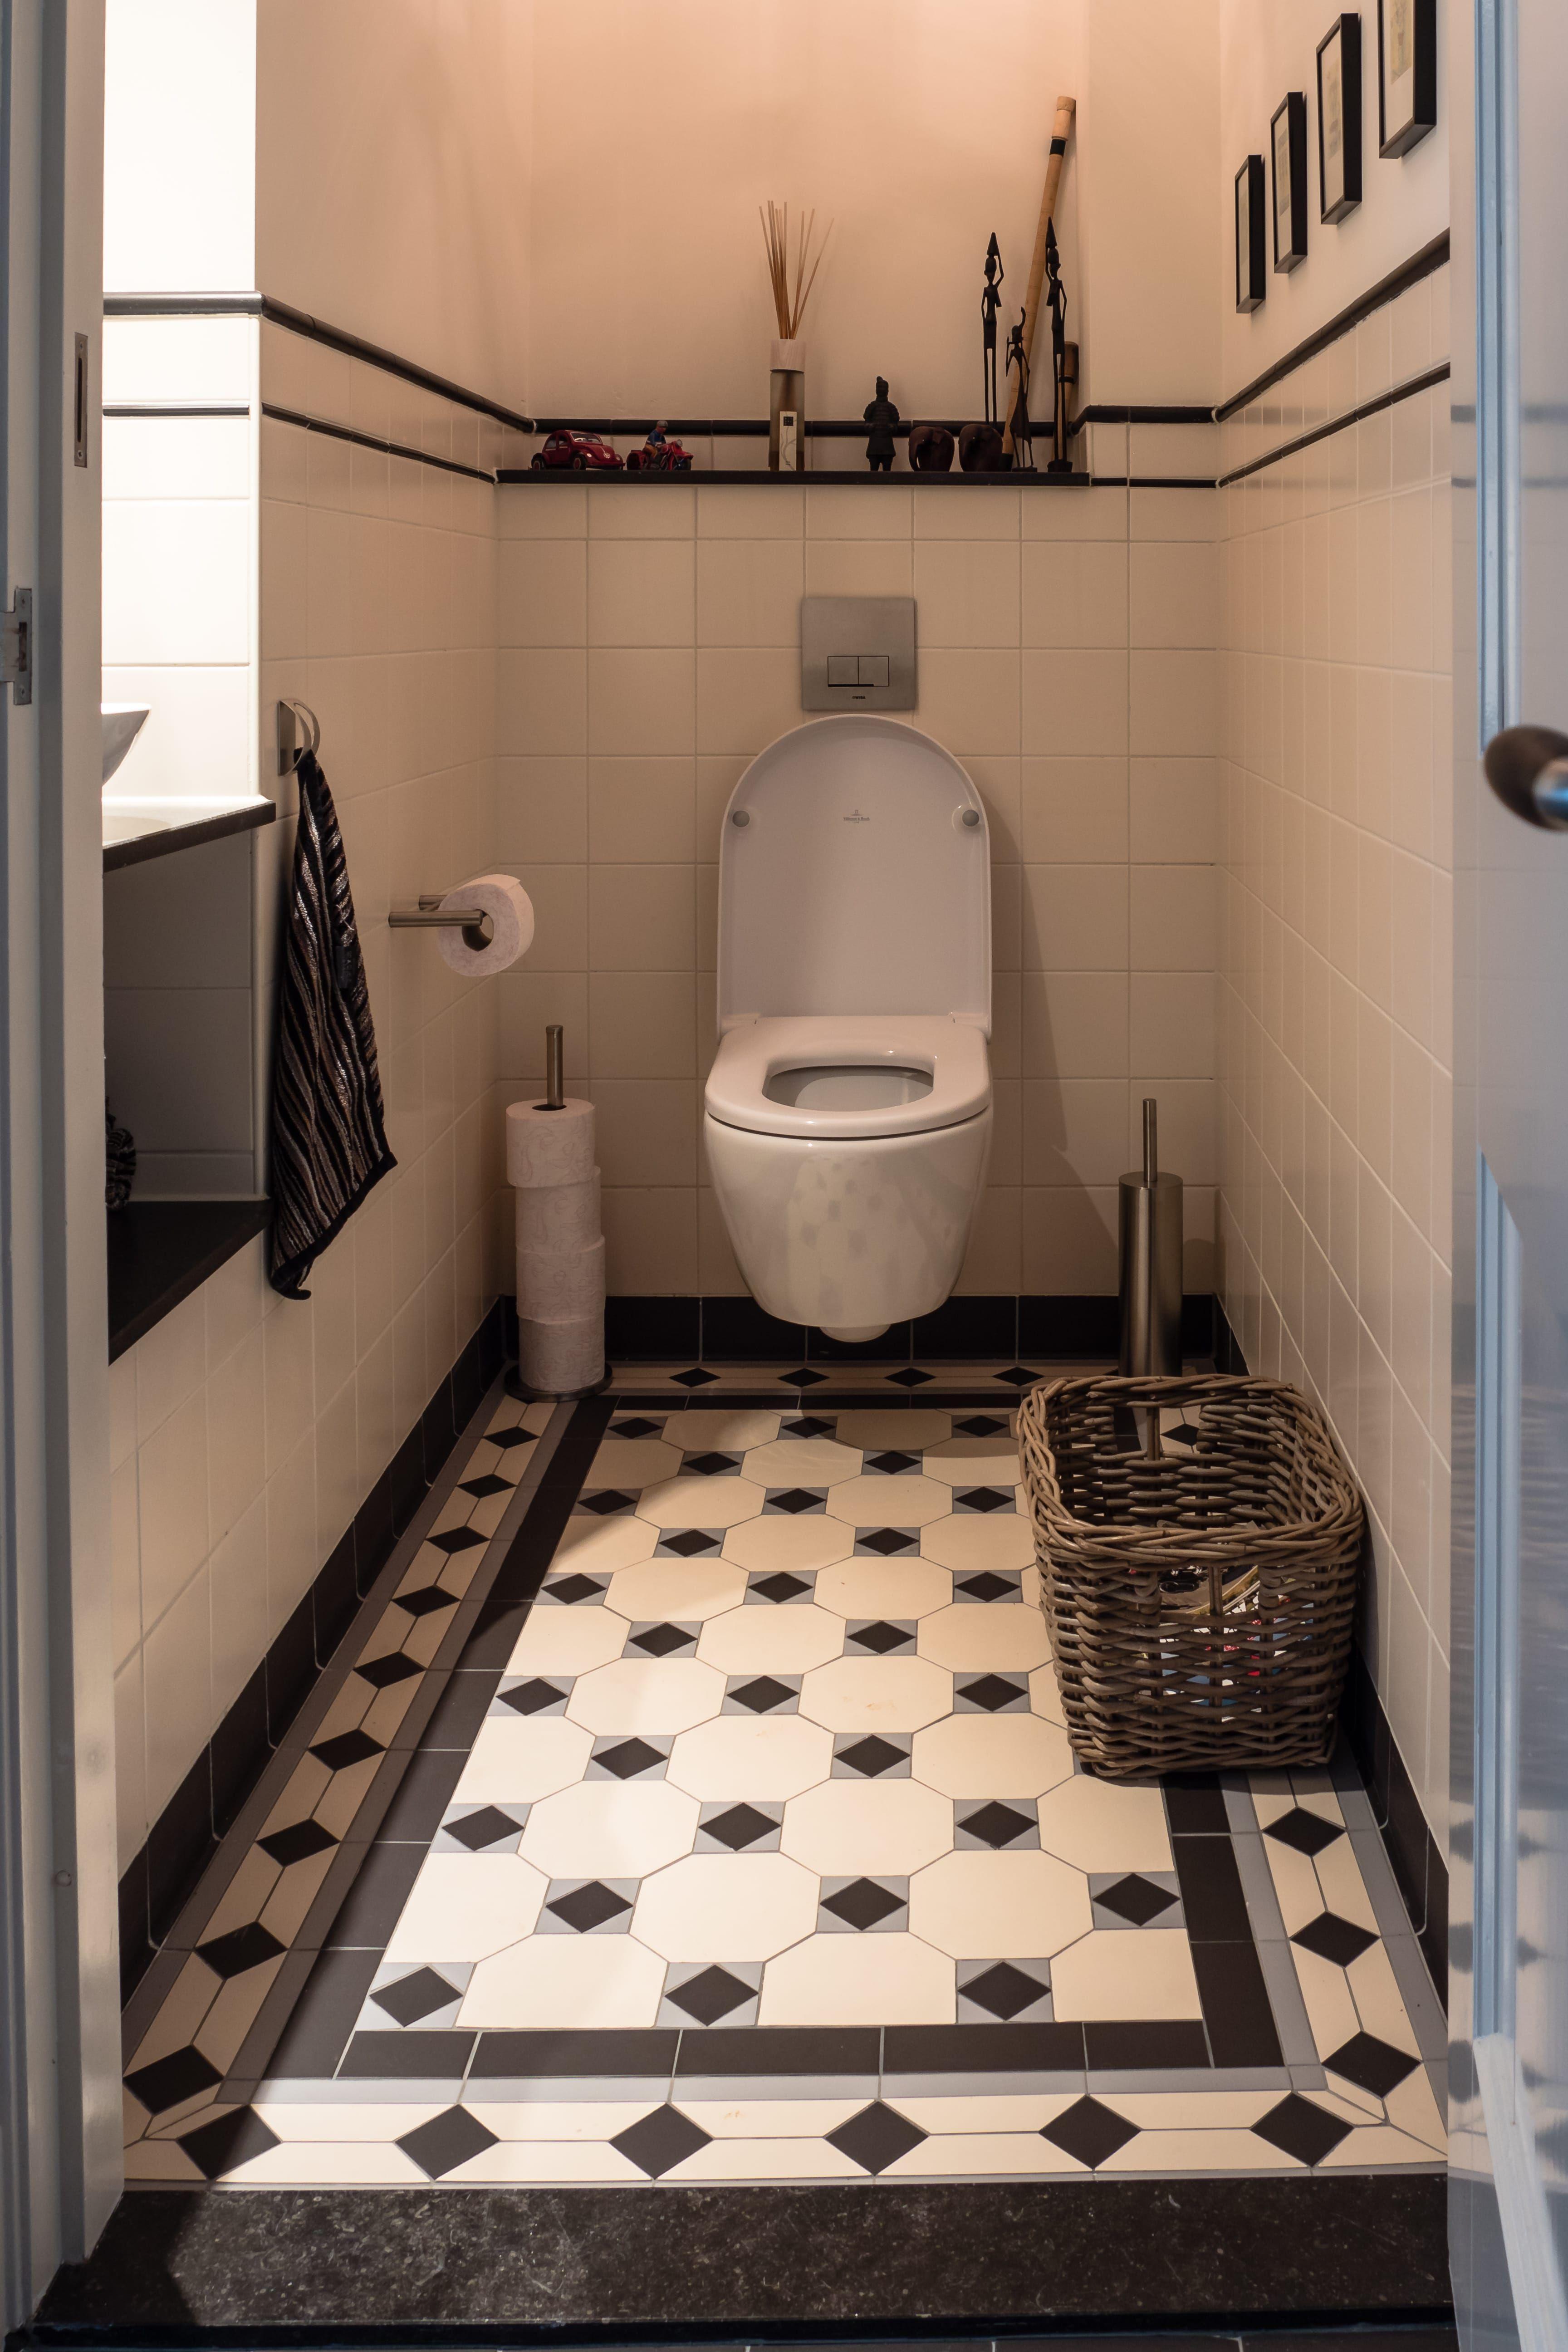 Witte Terrastegels 40x40.Tegels Voor De Toilet Het Kleinste Kamertje Van Het Huis Doordat